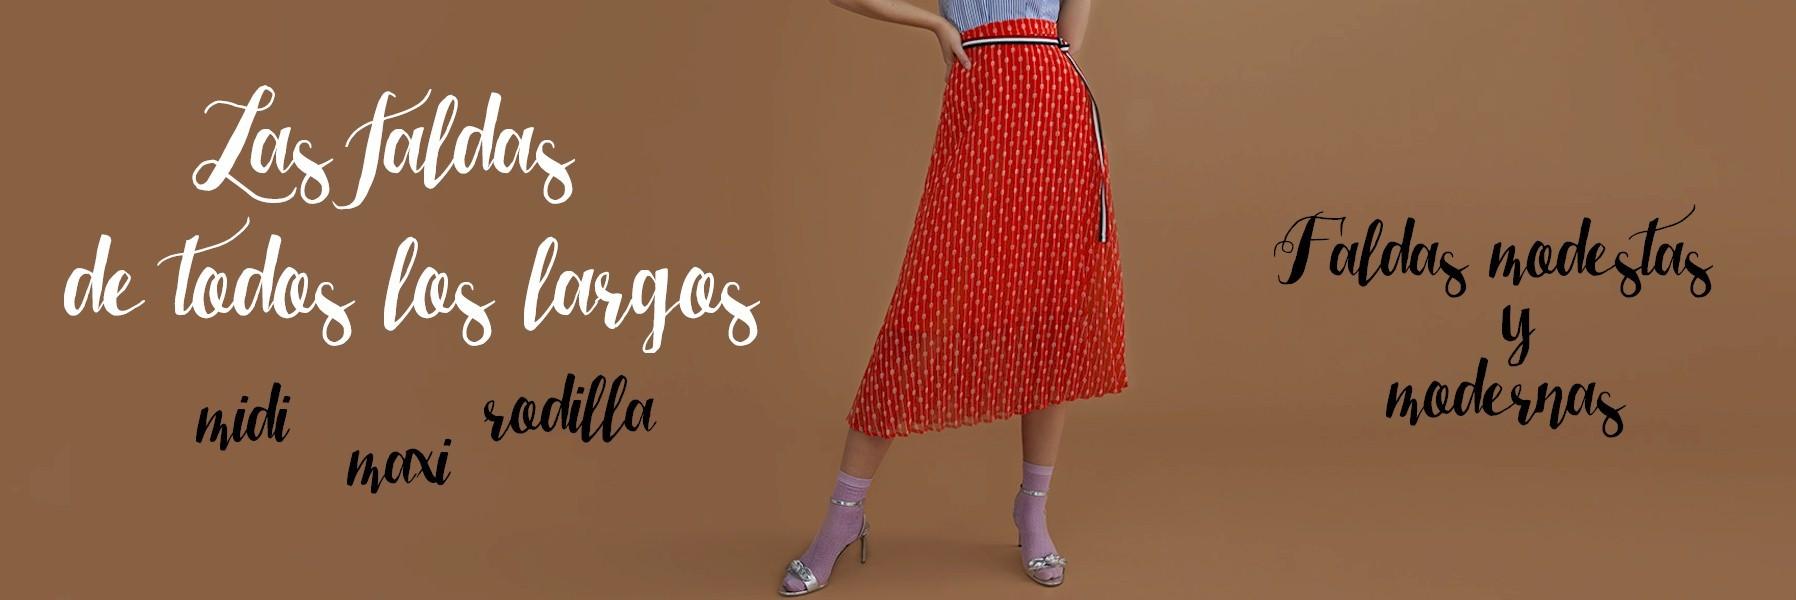 Faldas modestas y modernas: faldas maxi, midi, rodilla, tul...